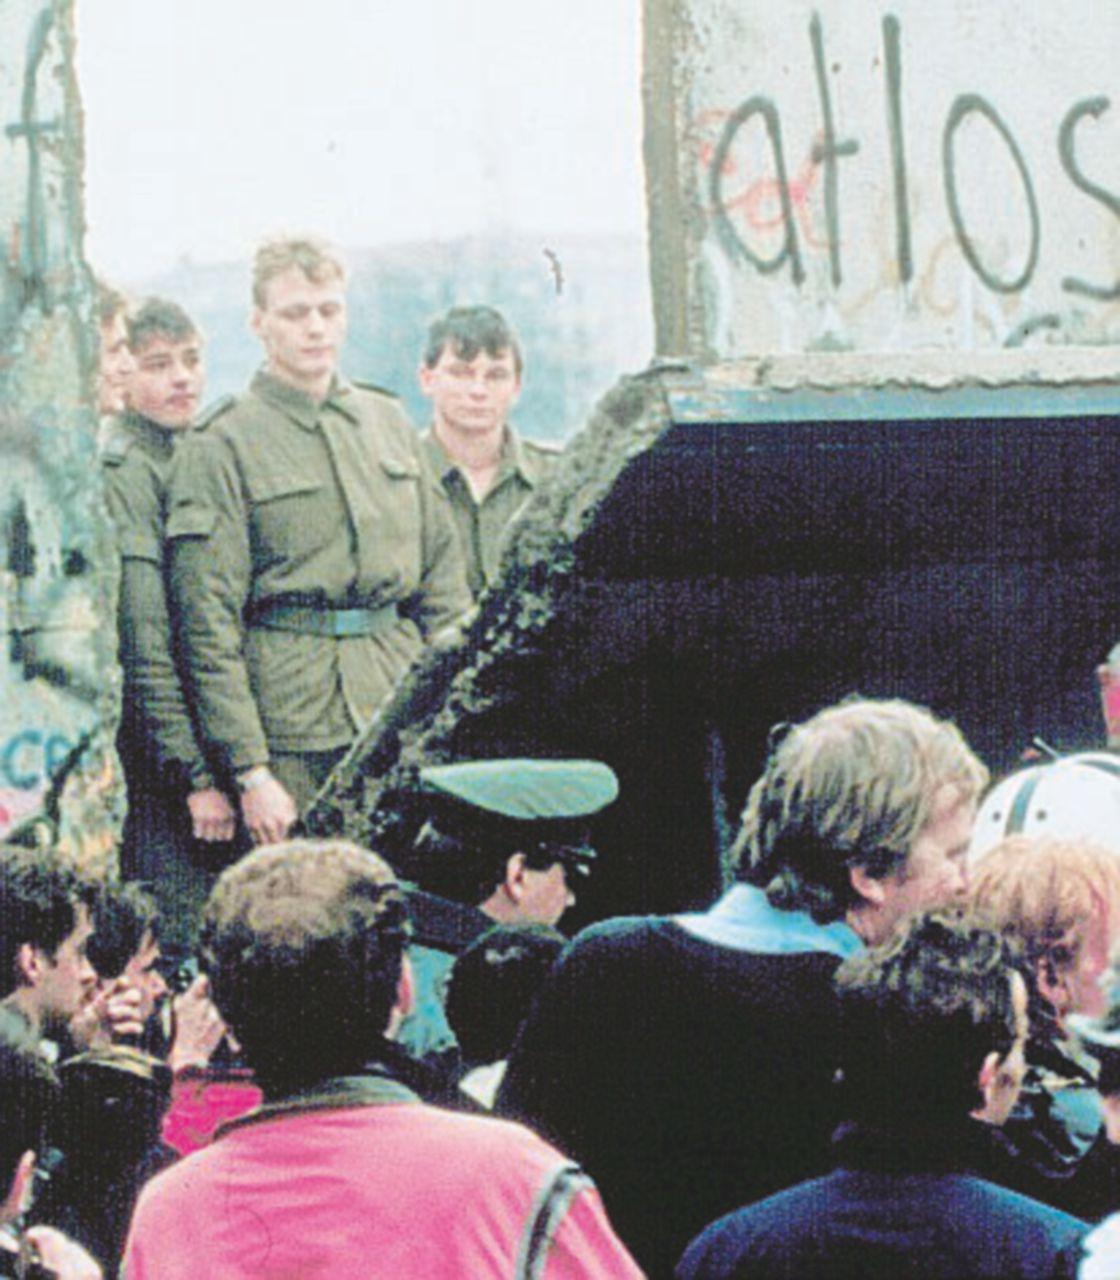 Tornano le muraglie nell'Europa spaccata